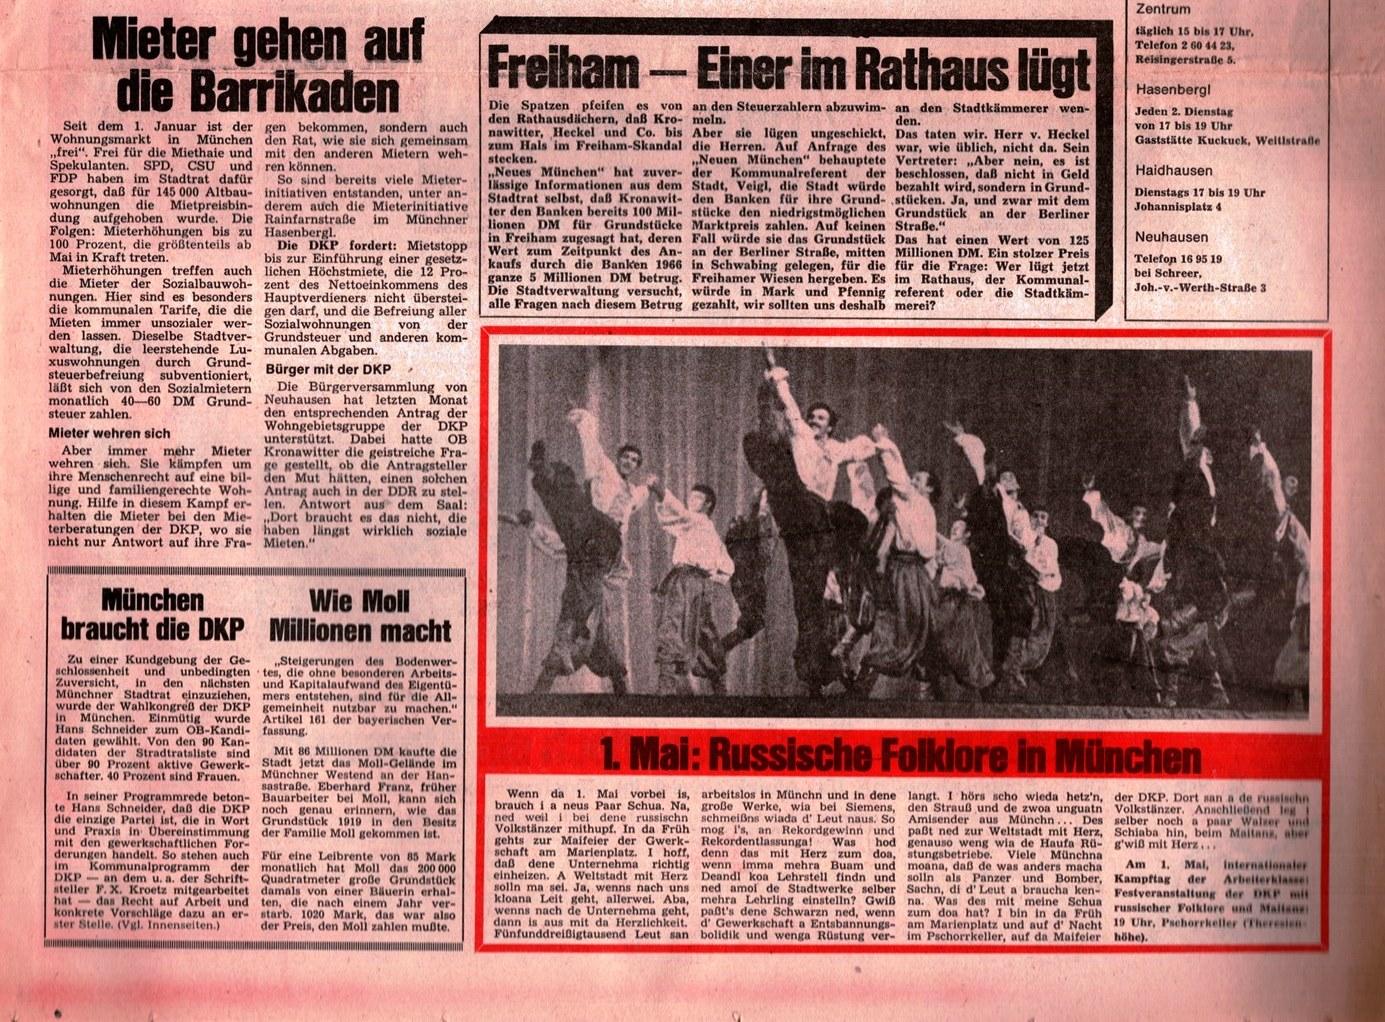 Muenchen_DKP_Neues_Muenchen_19770400_004_002